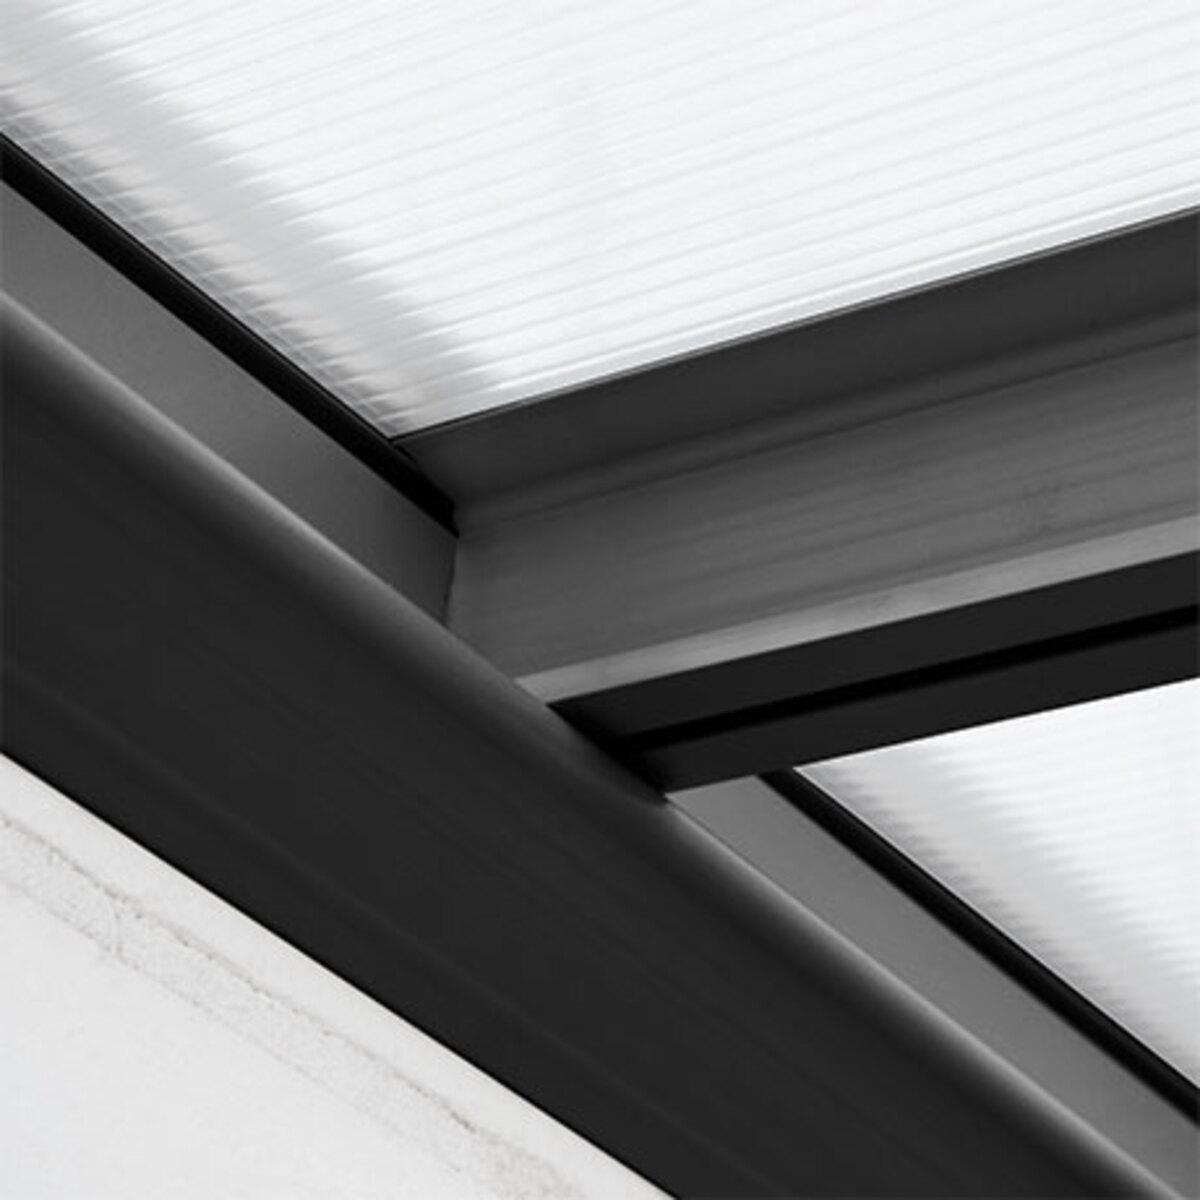 Bild 3 von Terrassenüberdachung anthrazit1